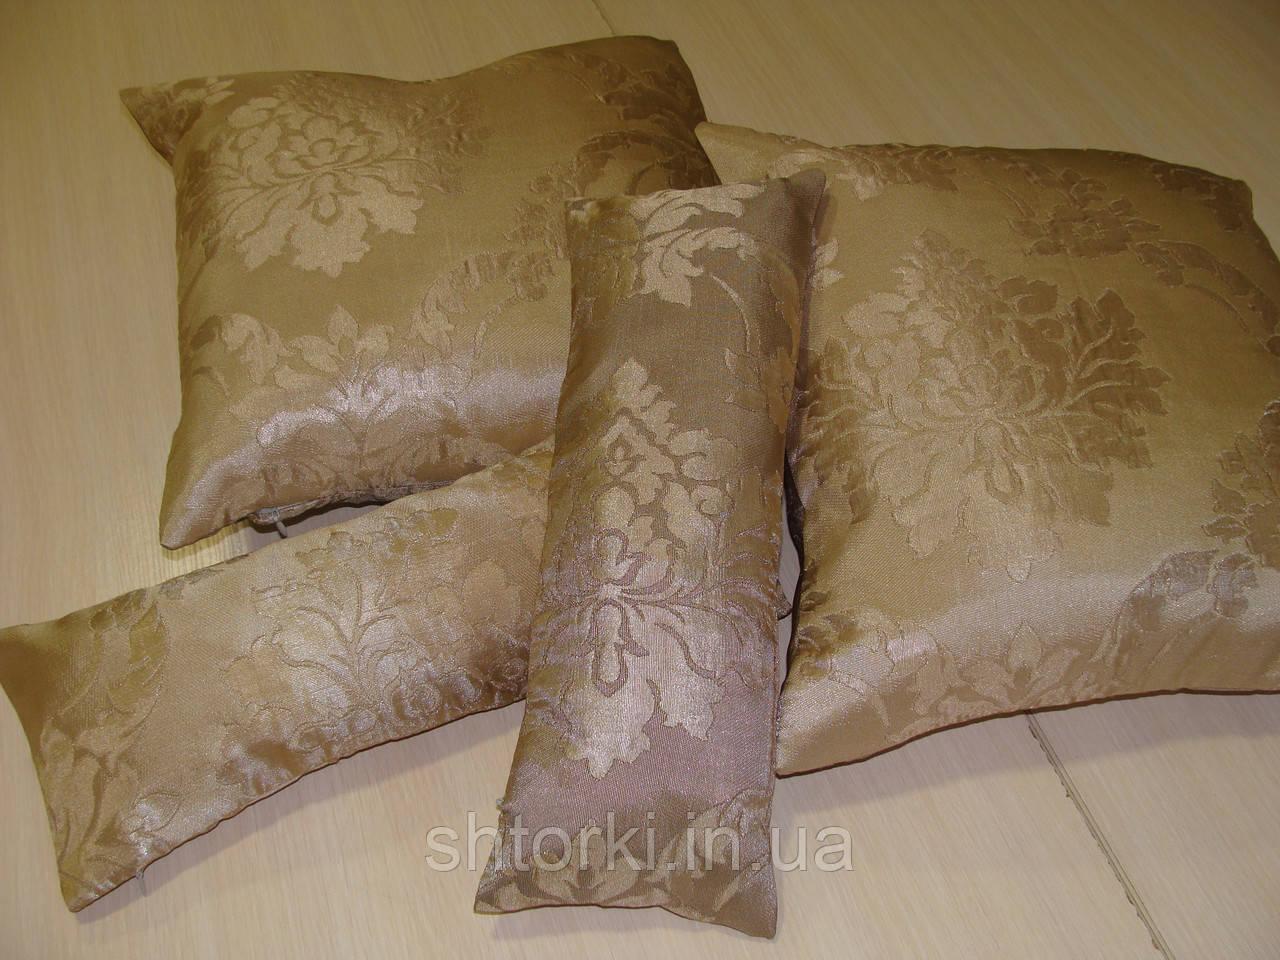 Комплект подушек золотисто-бежевые 4шт